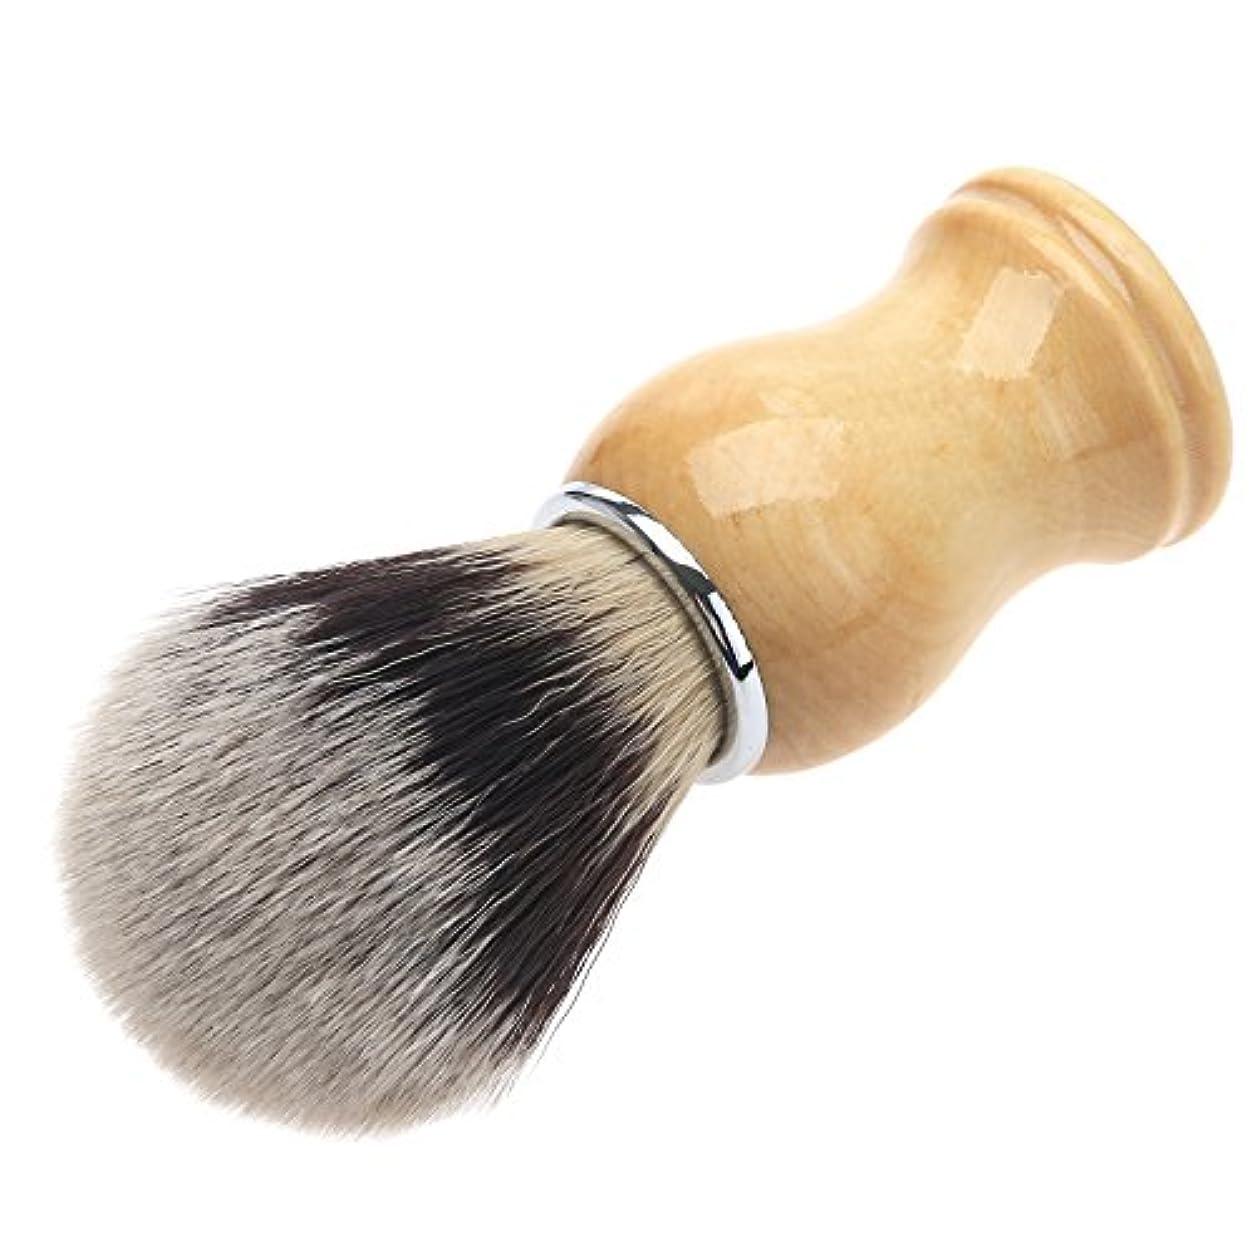 ダッシュレザー興奮するメンズ用 髭剃り ブラシ シェービングブラシ 木製ハンドル 男性 ギフト理容 洗顔 髭剃り